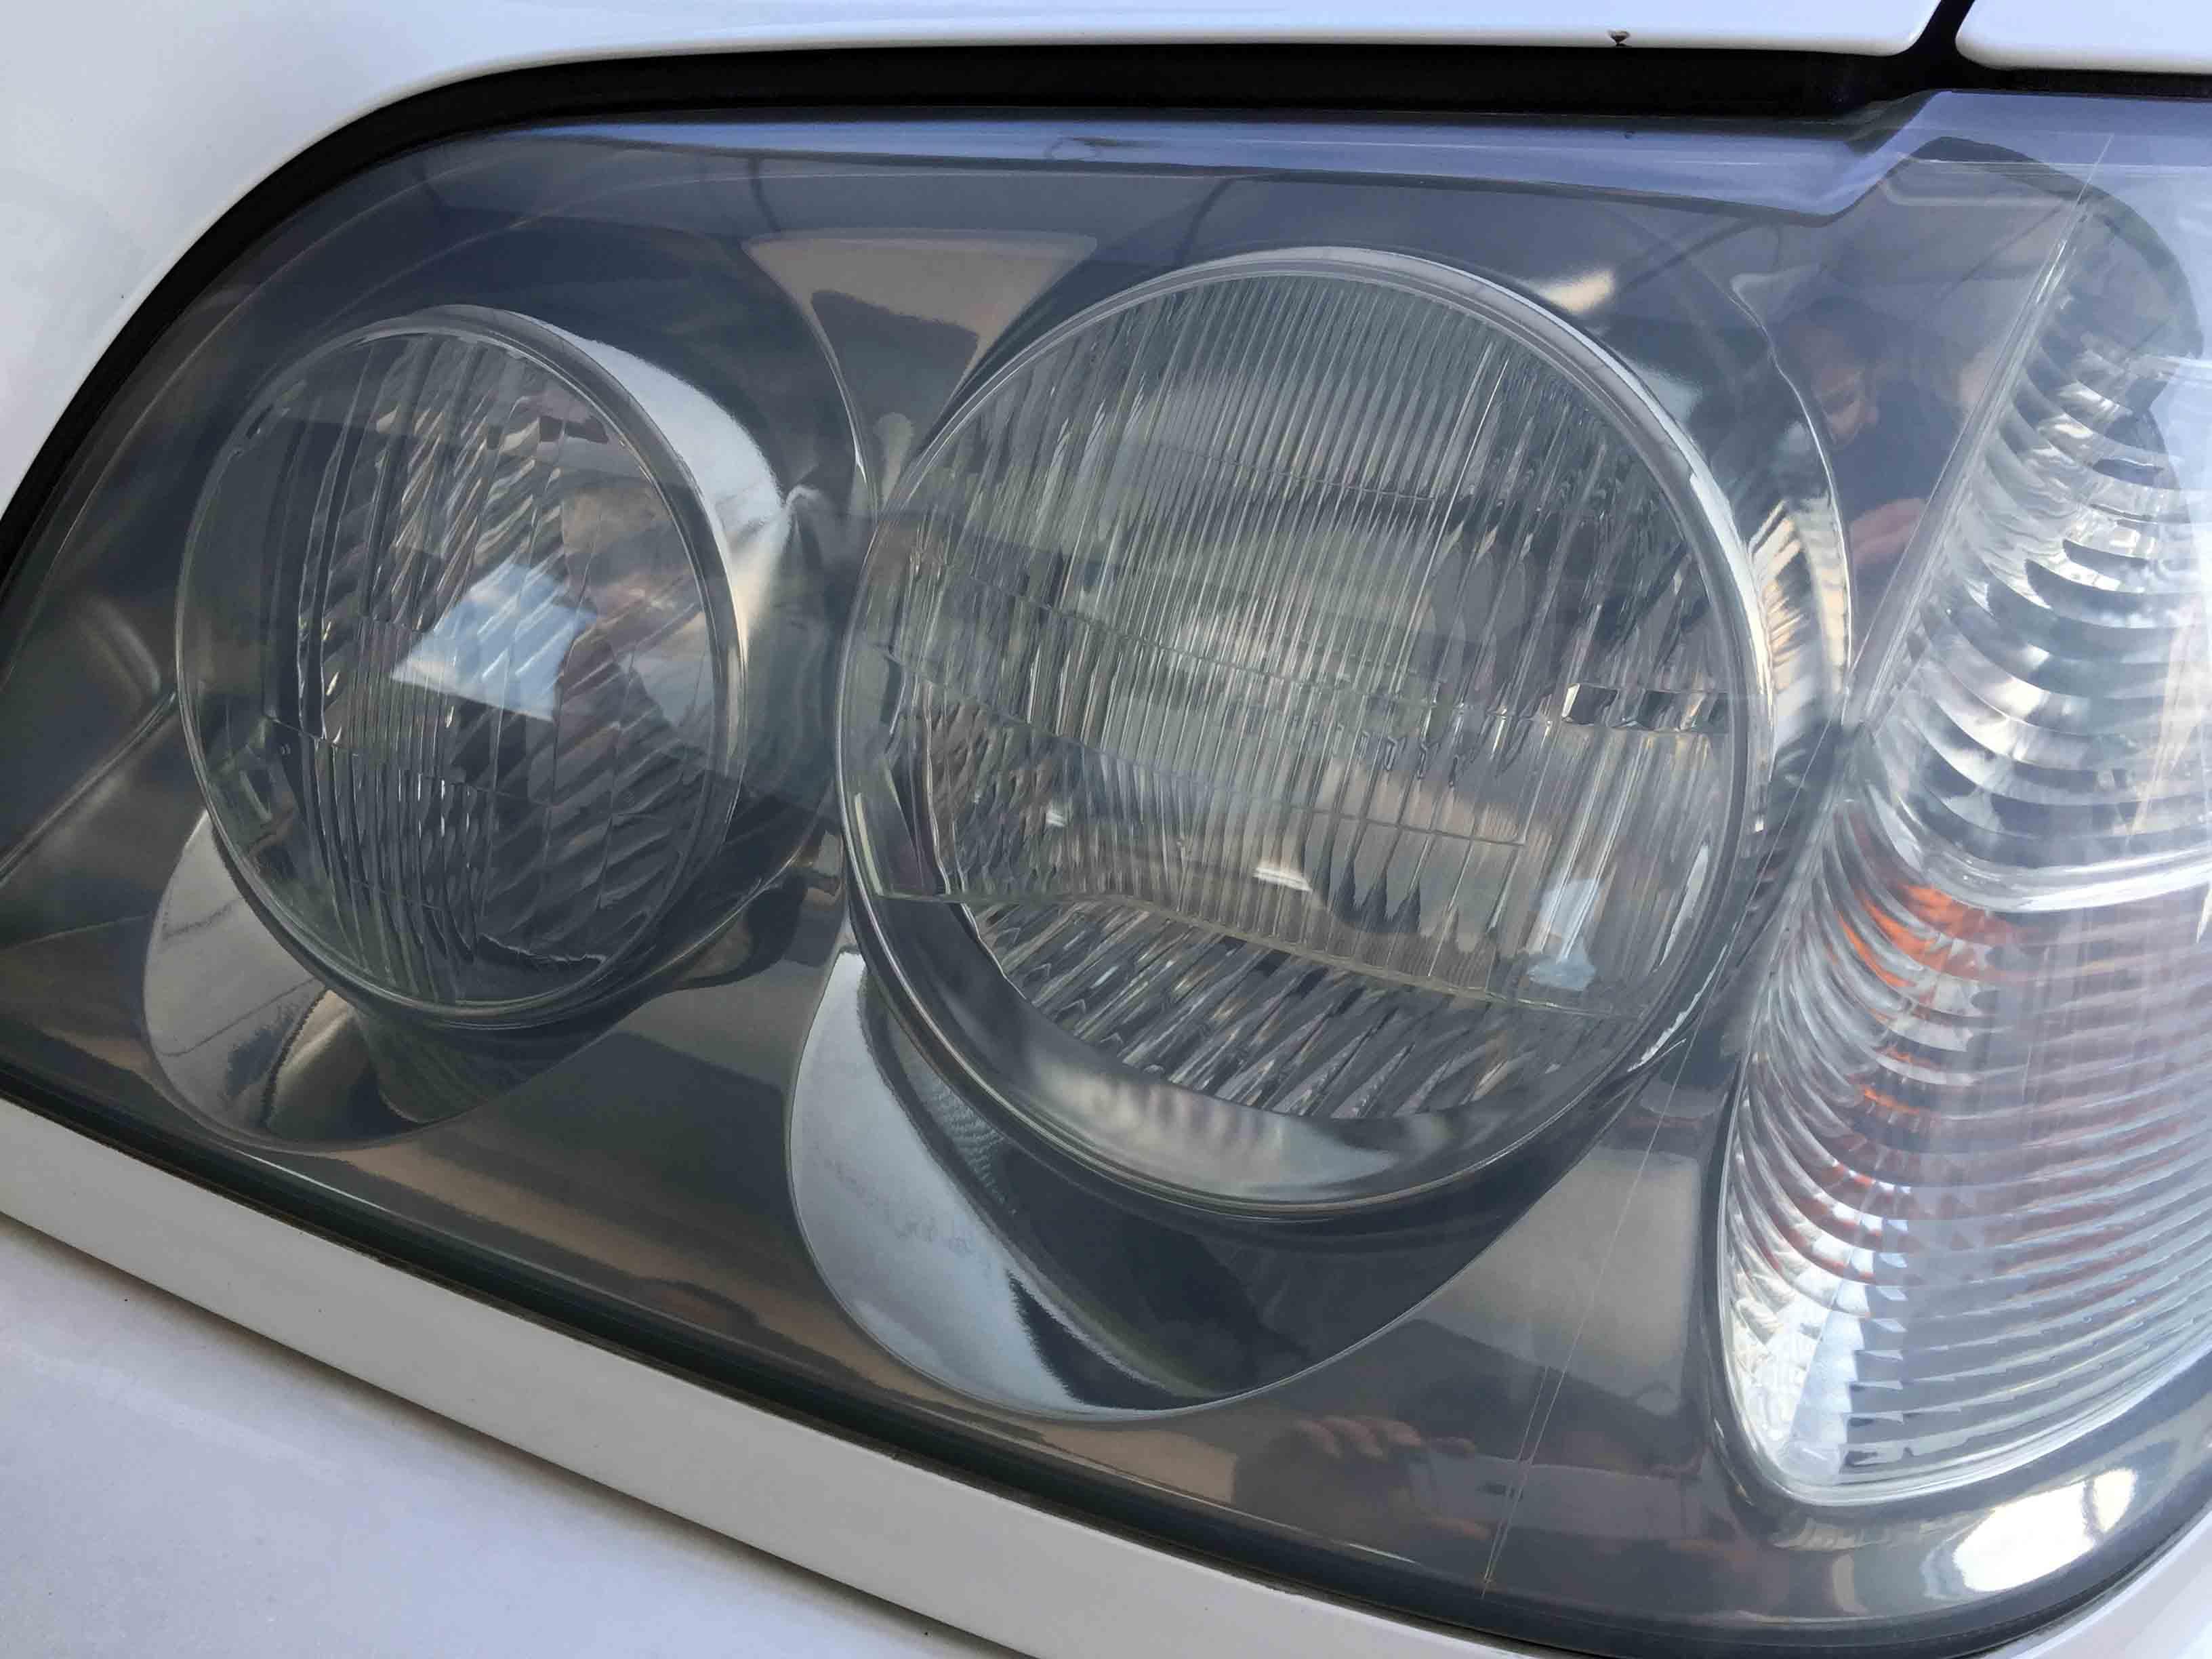 トヨタ17系クラウンのヘッドライトが重度の劣化のために素材自体が白濁しています